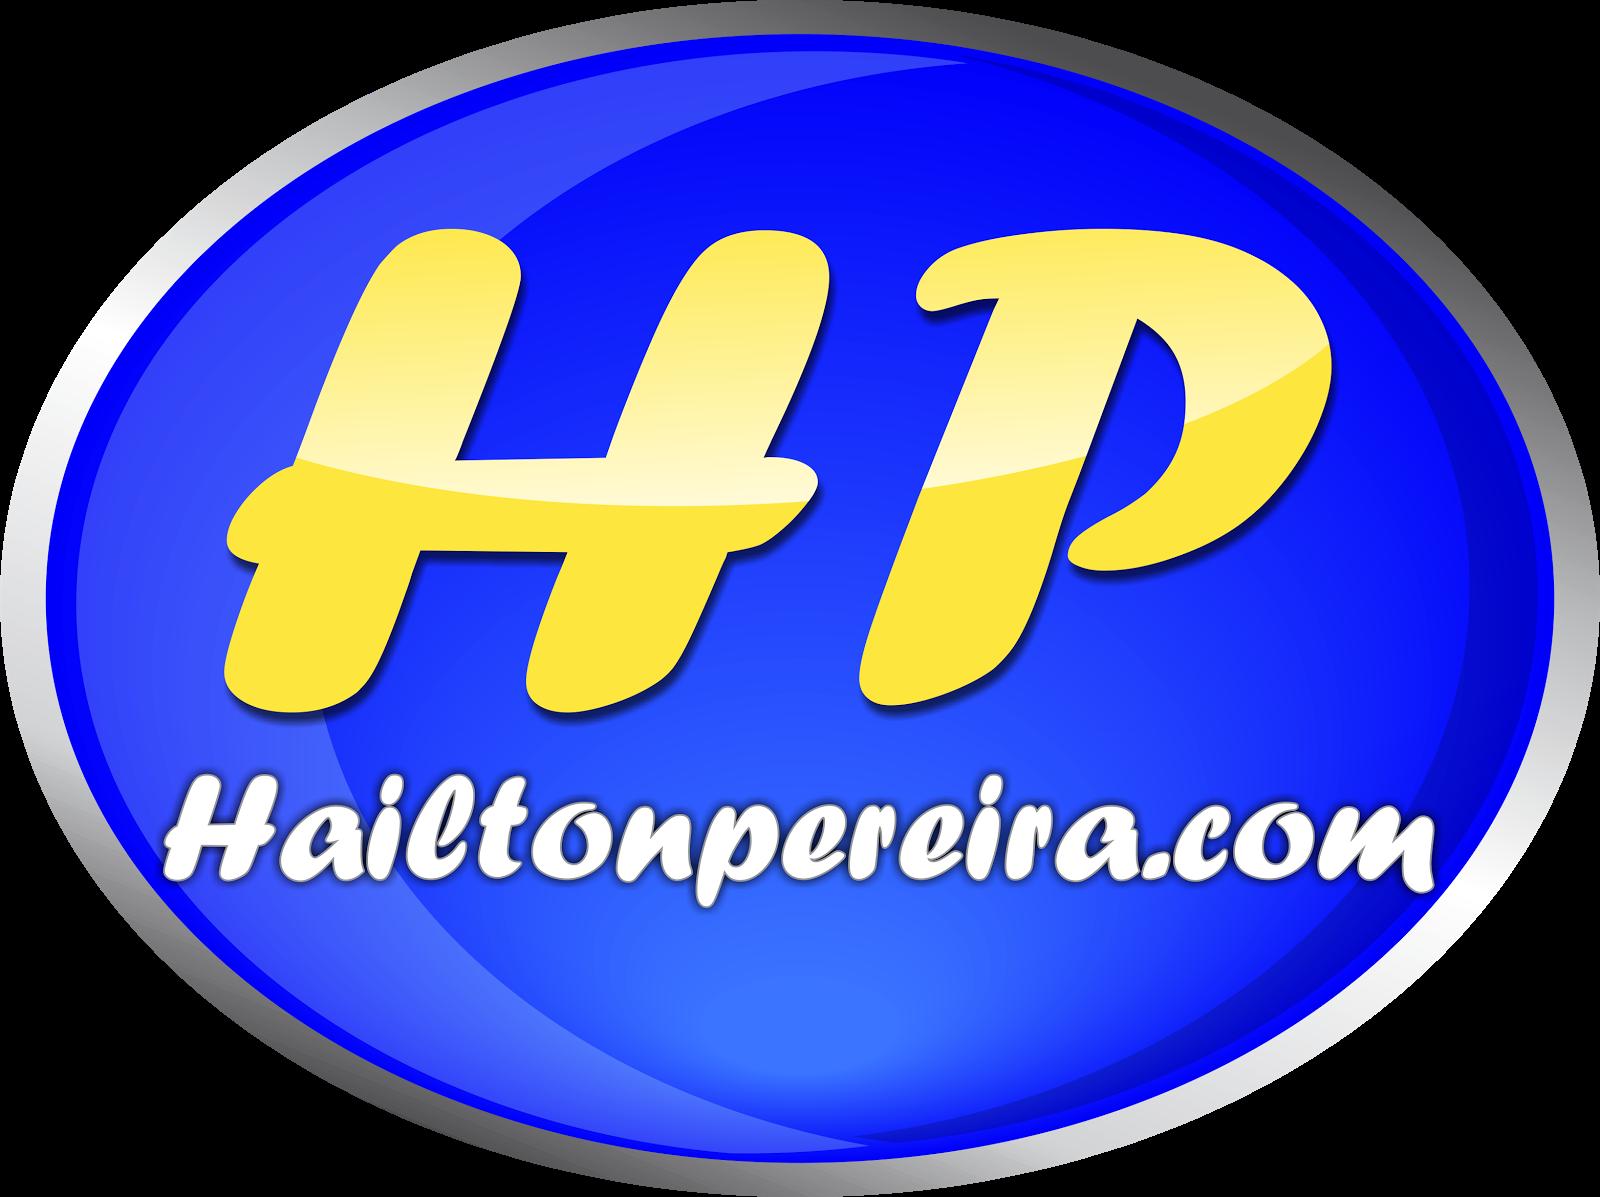 Hailton Pereira.com